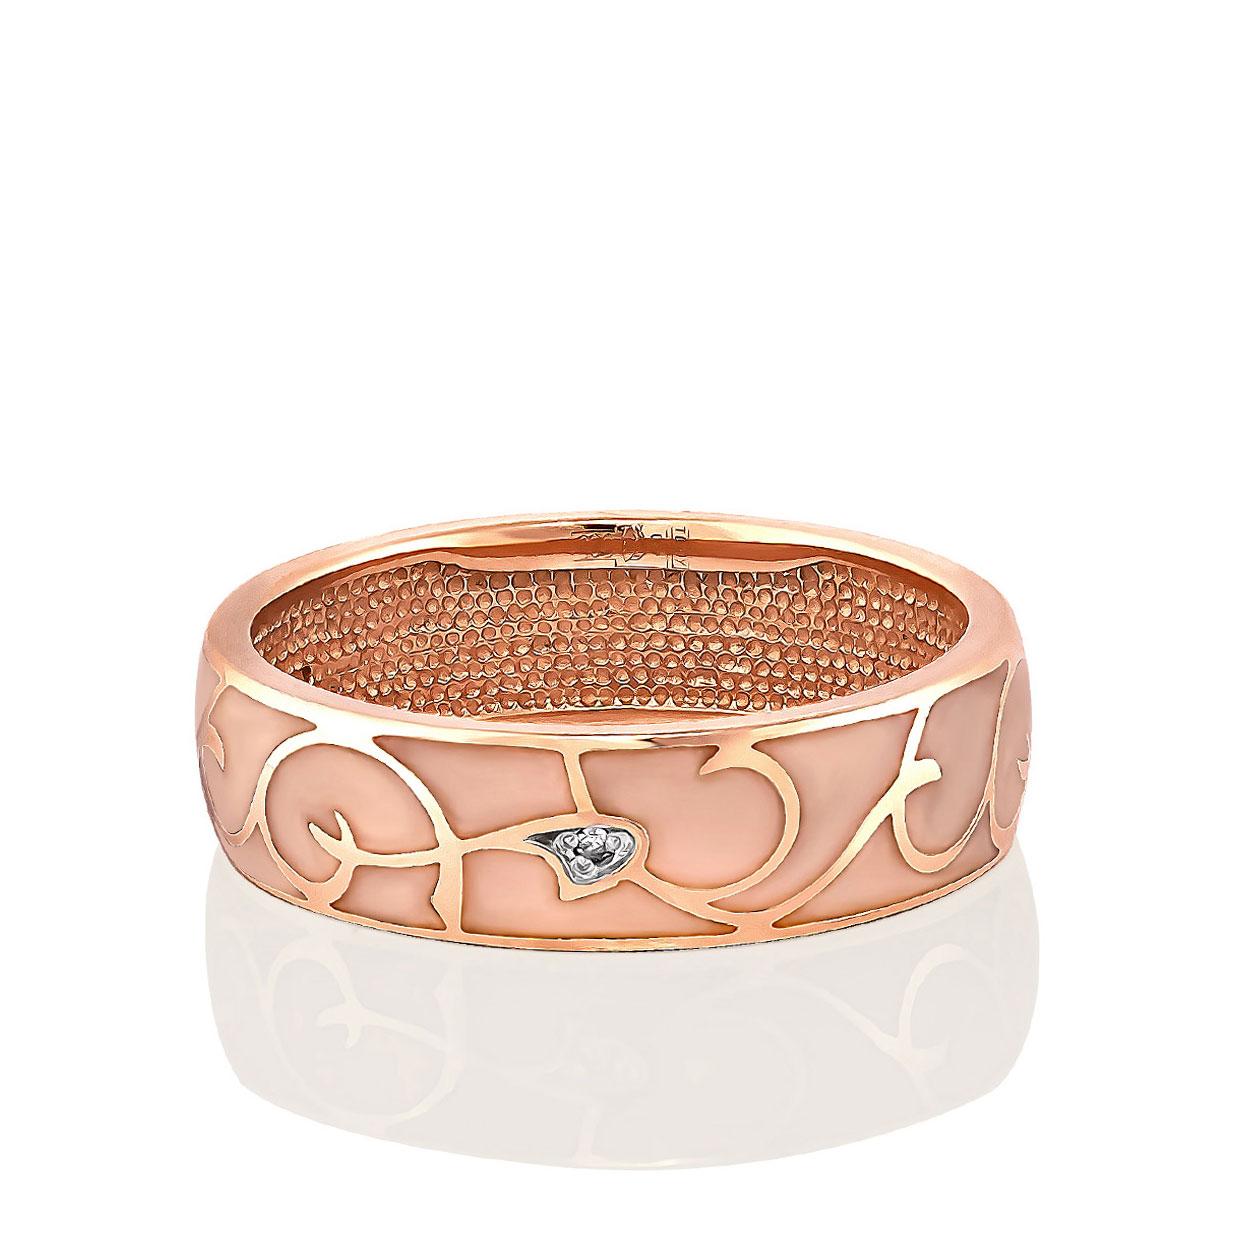 Обручальное кольцо из золота с бриллиантом арт. 1-0337-1021 1-0337-1021